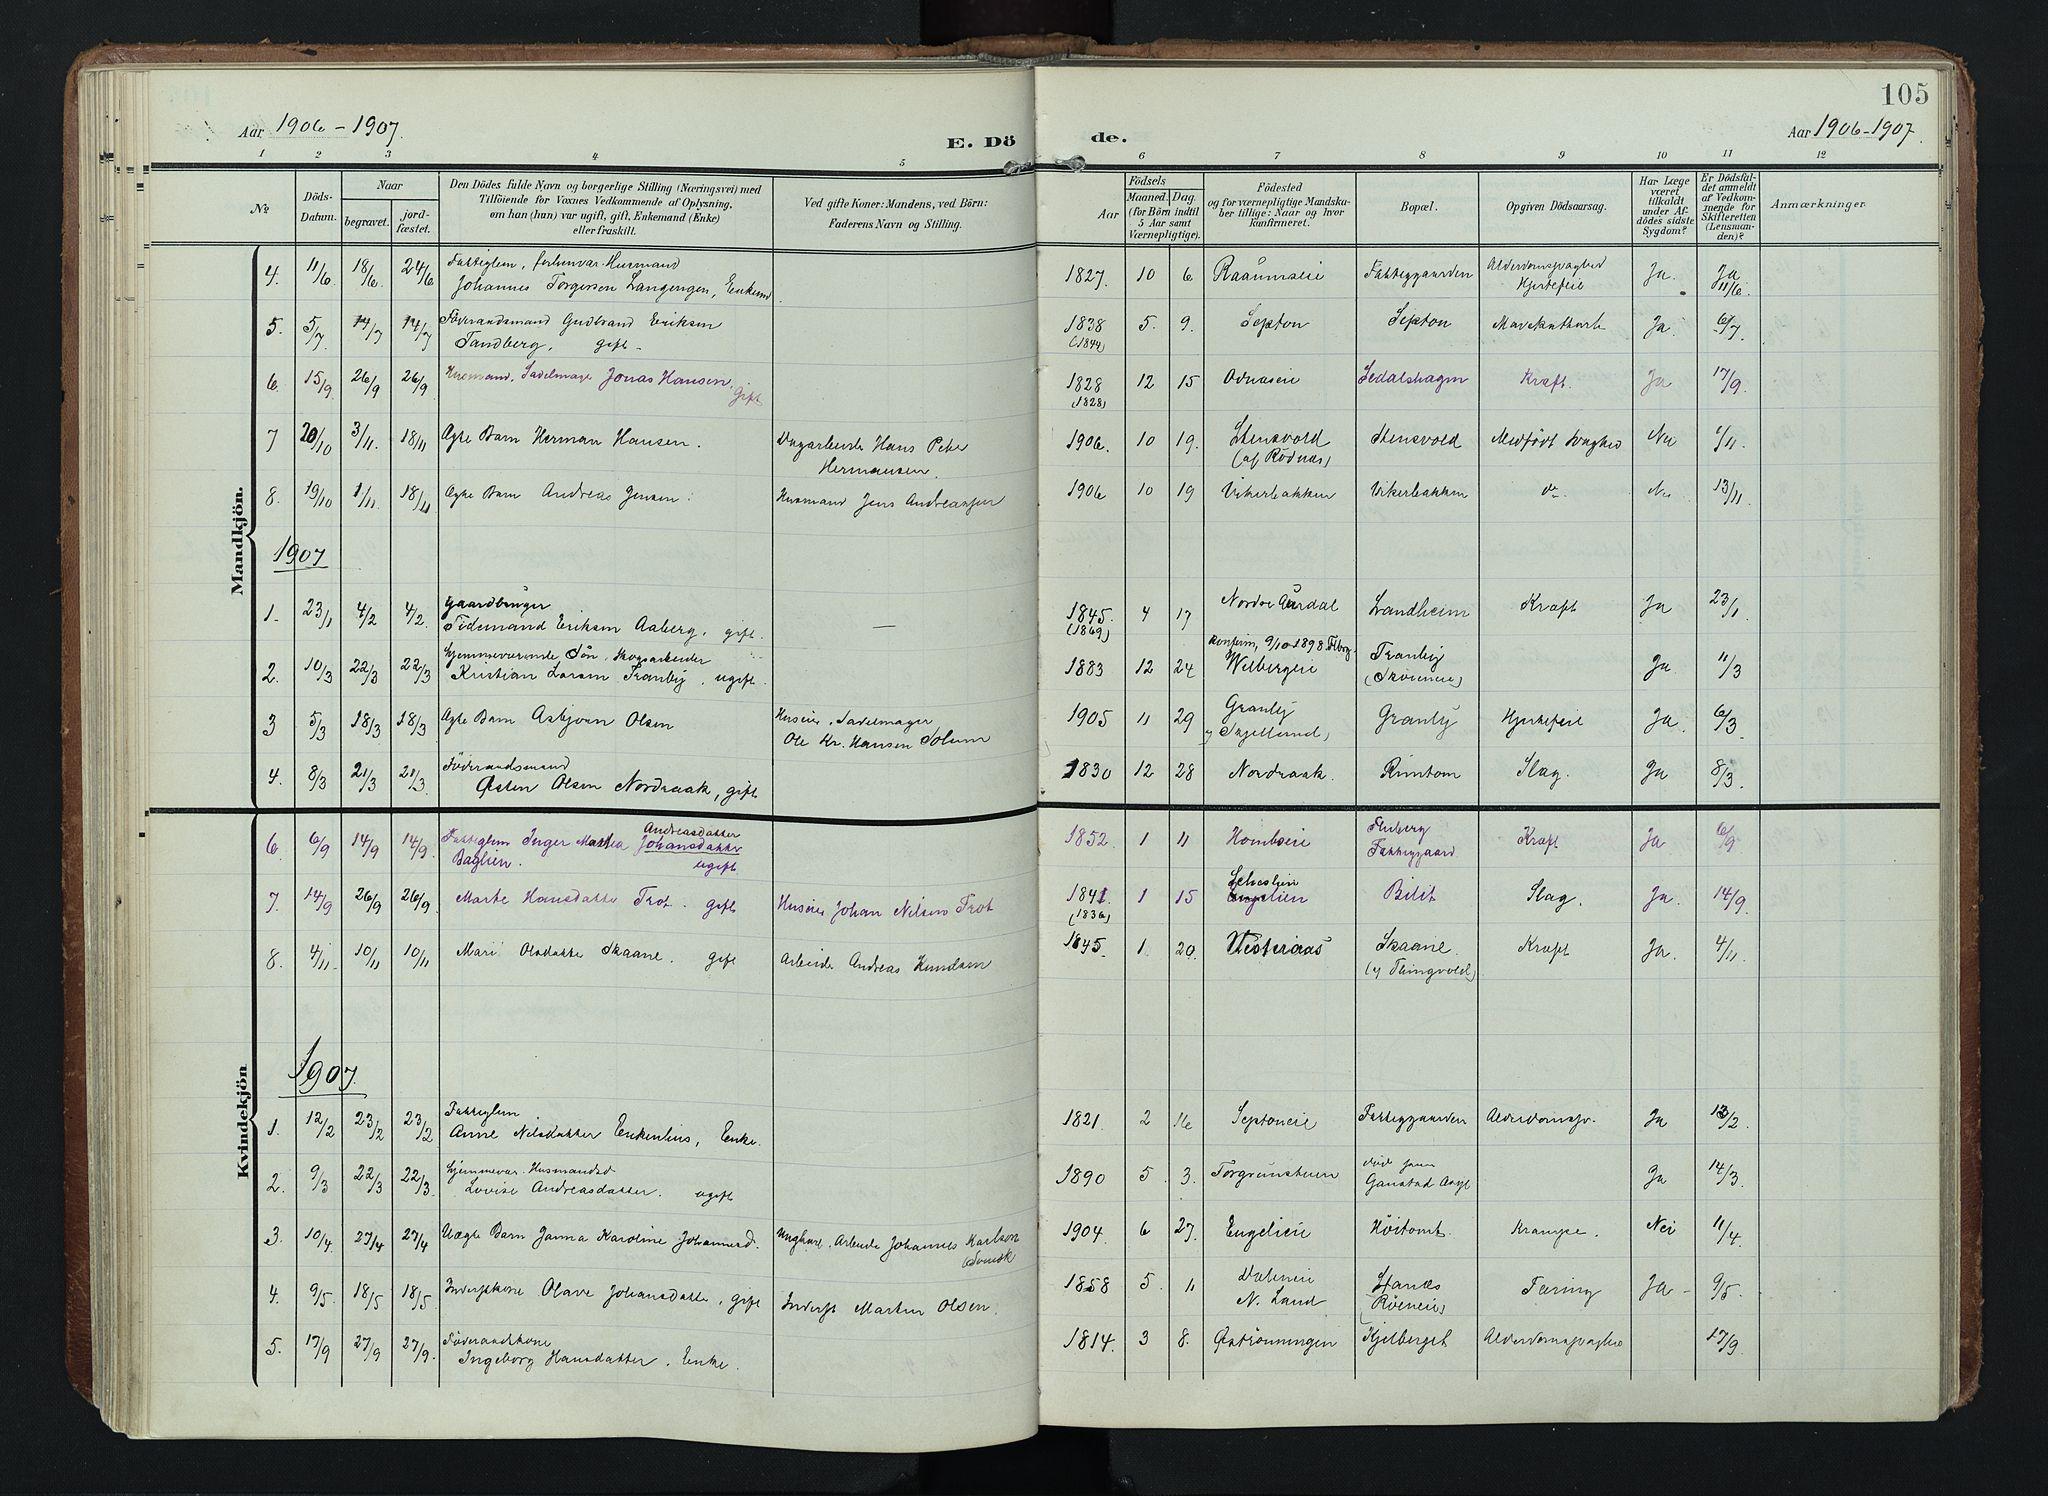 SAH, Søndre Land prestekontor, K/L0005: Ministerialbok nr. 5, 1905-1914, s. 105